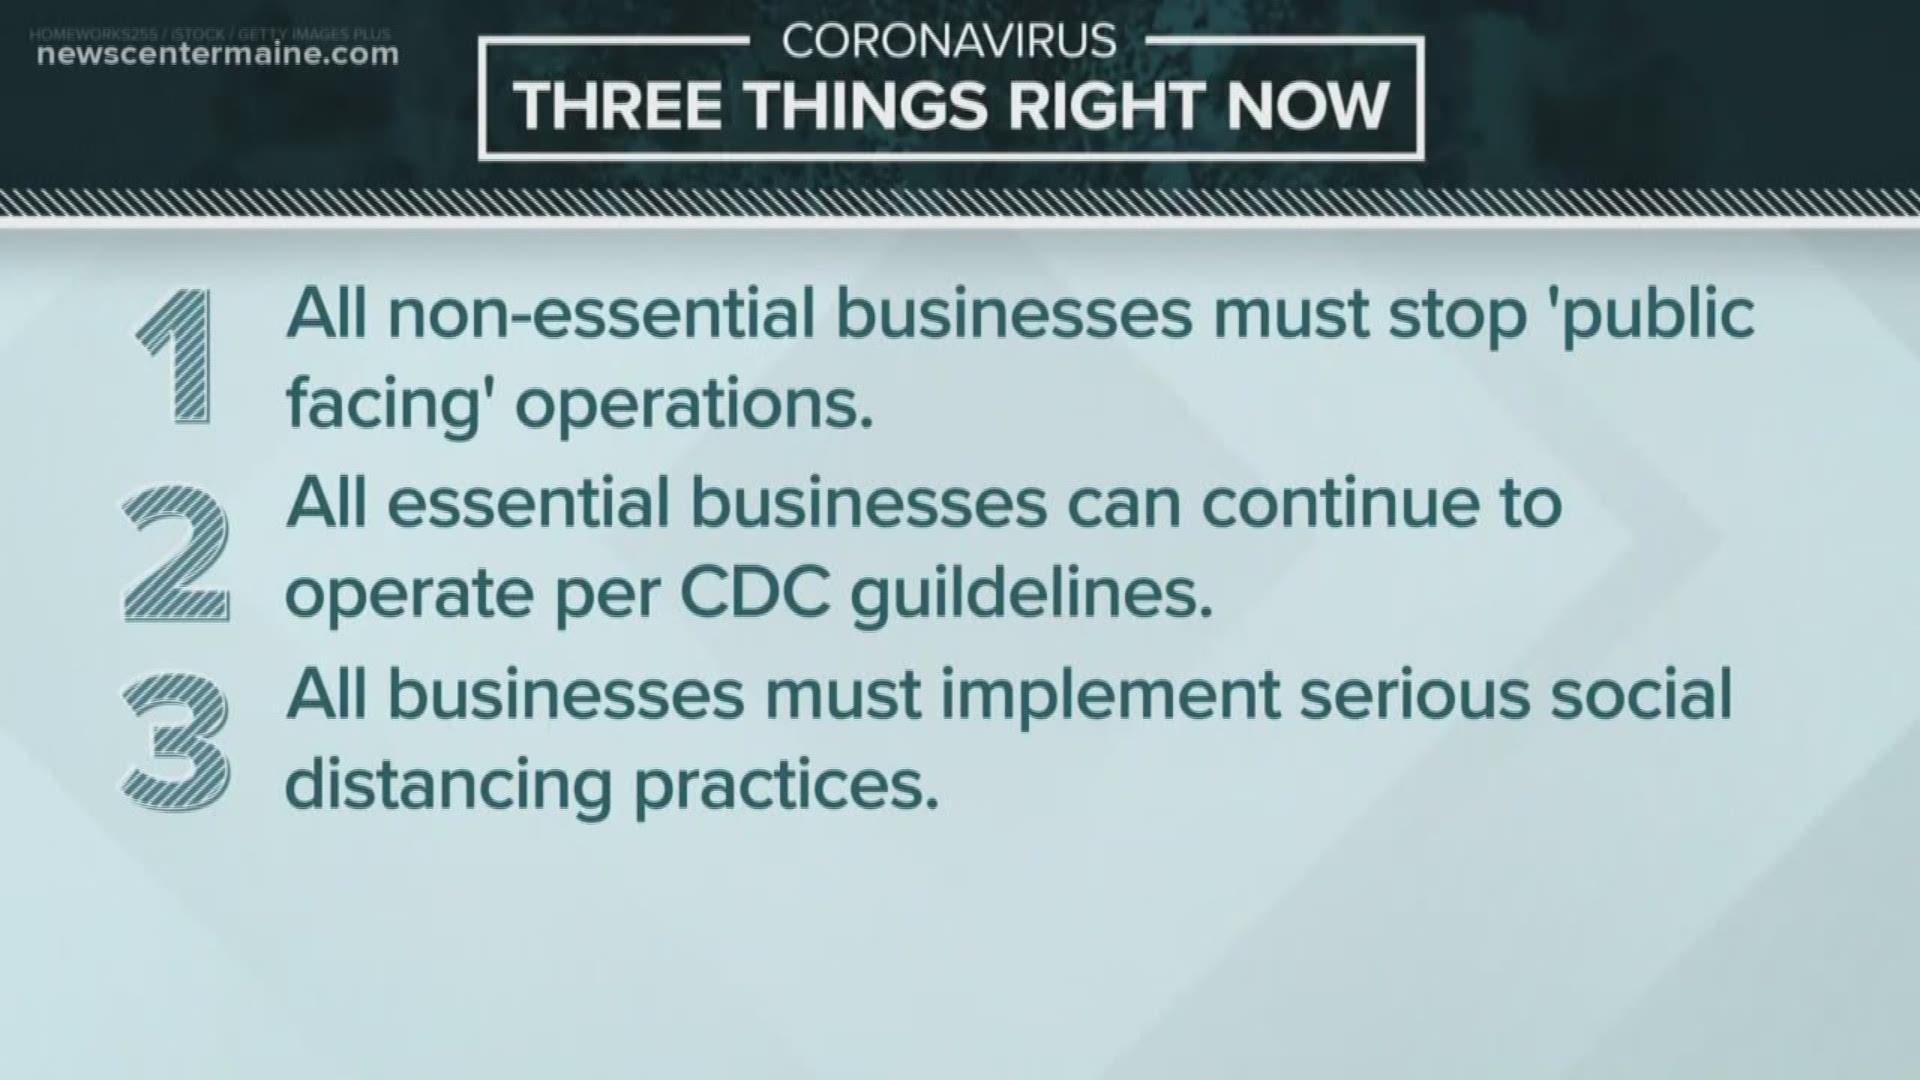 What are essential businesses vs. non-essential businesses? |  newscentermaine.com